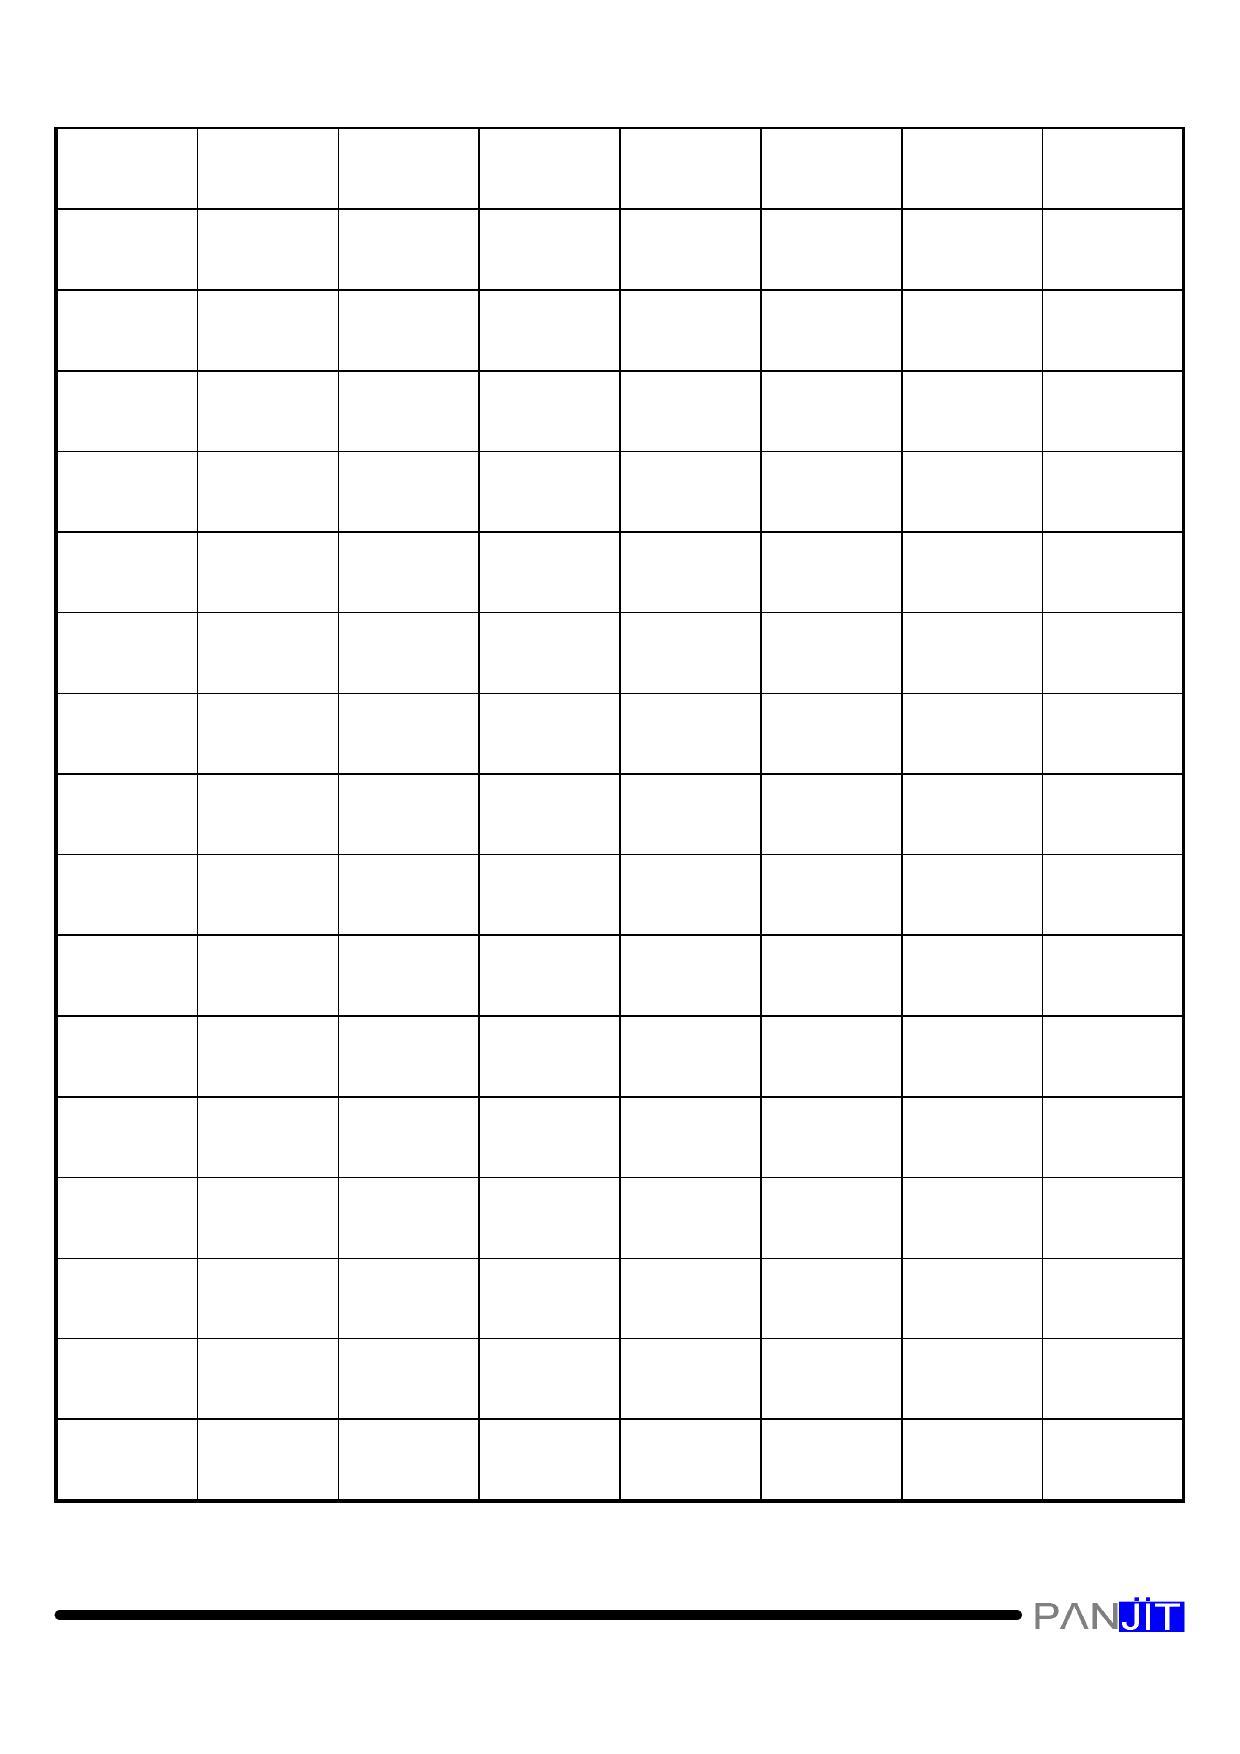 P4KE30A pdf